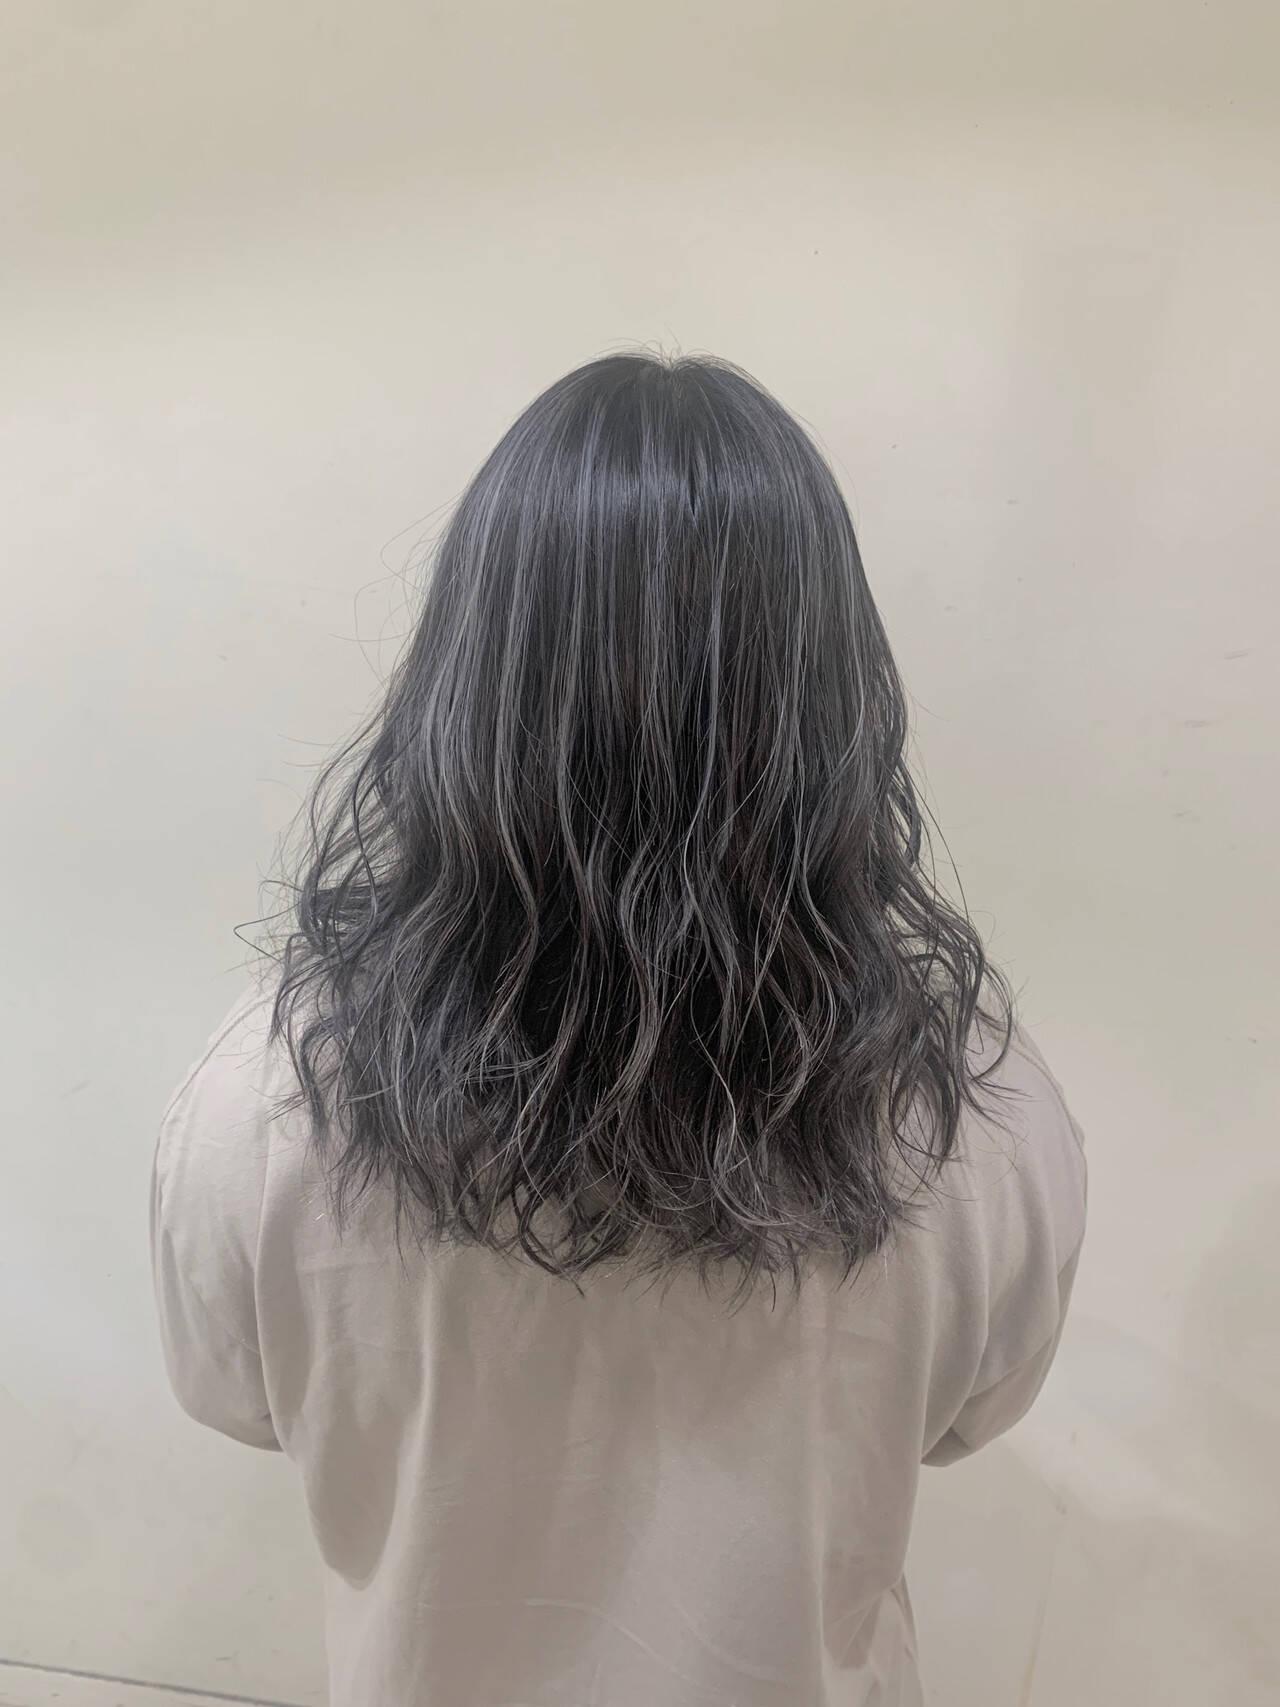 ホワイトブリーチ コントラストハイライト ハイライト 透け感ヘアヘアスタイルや髪型の写真・画像